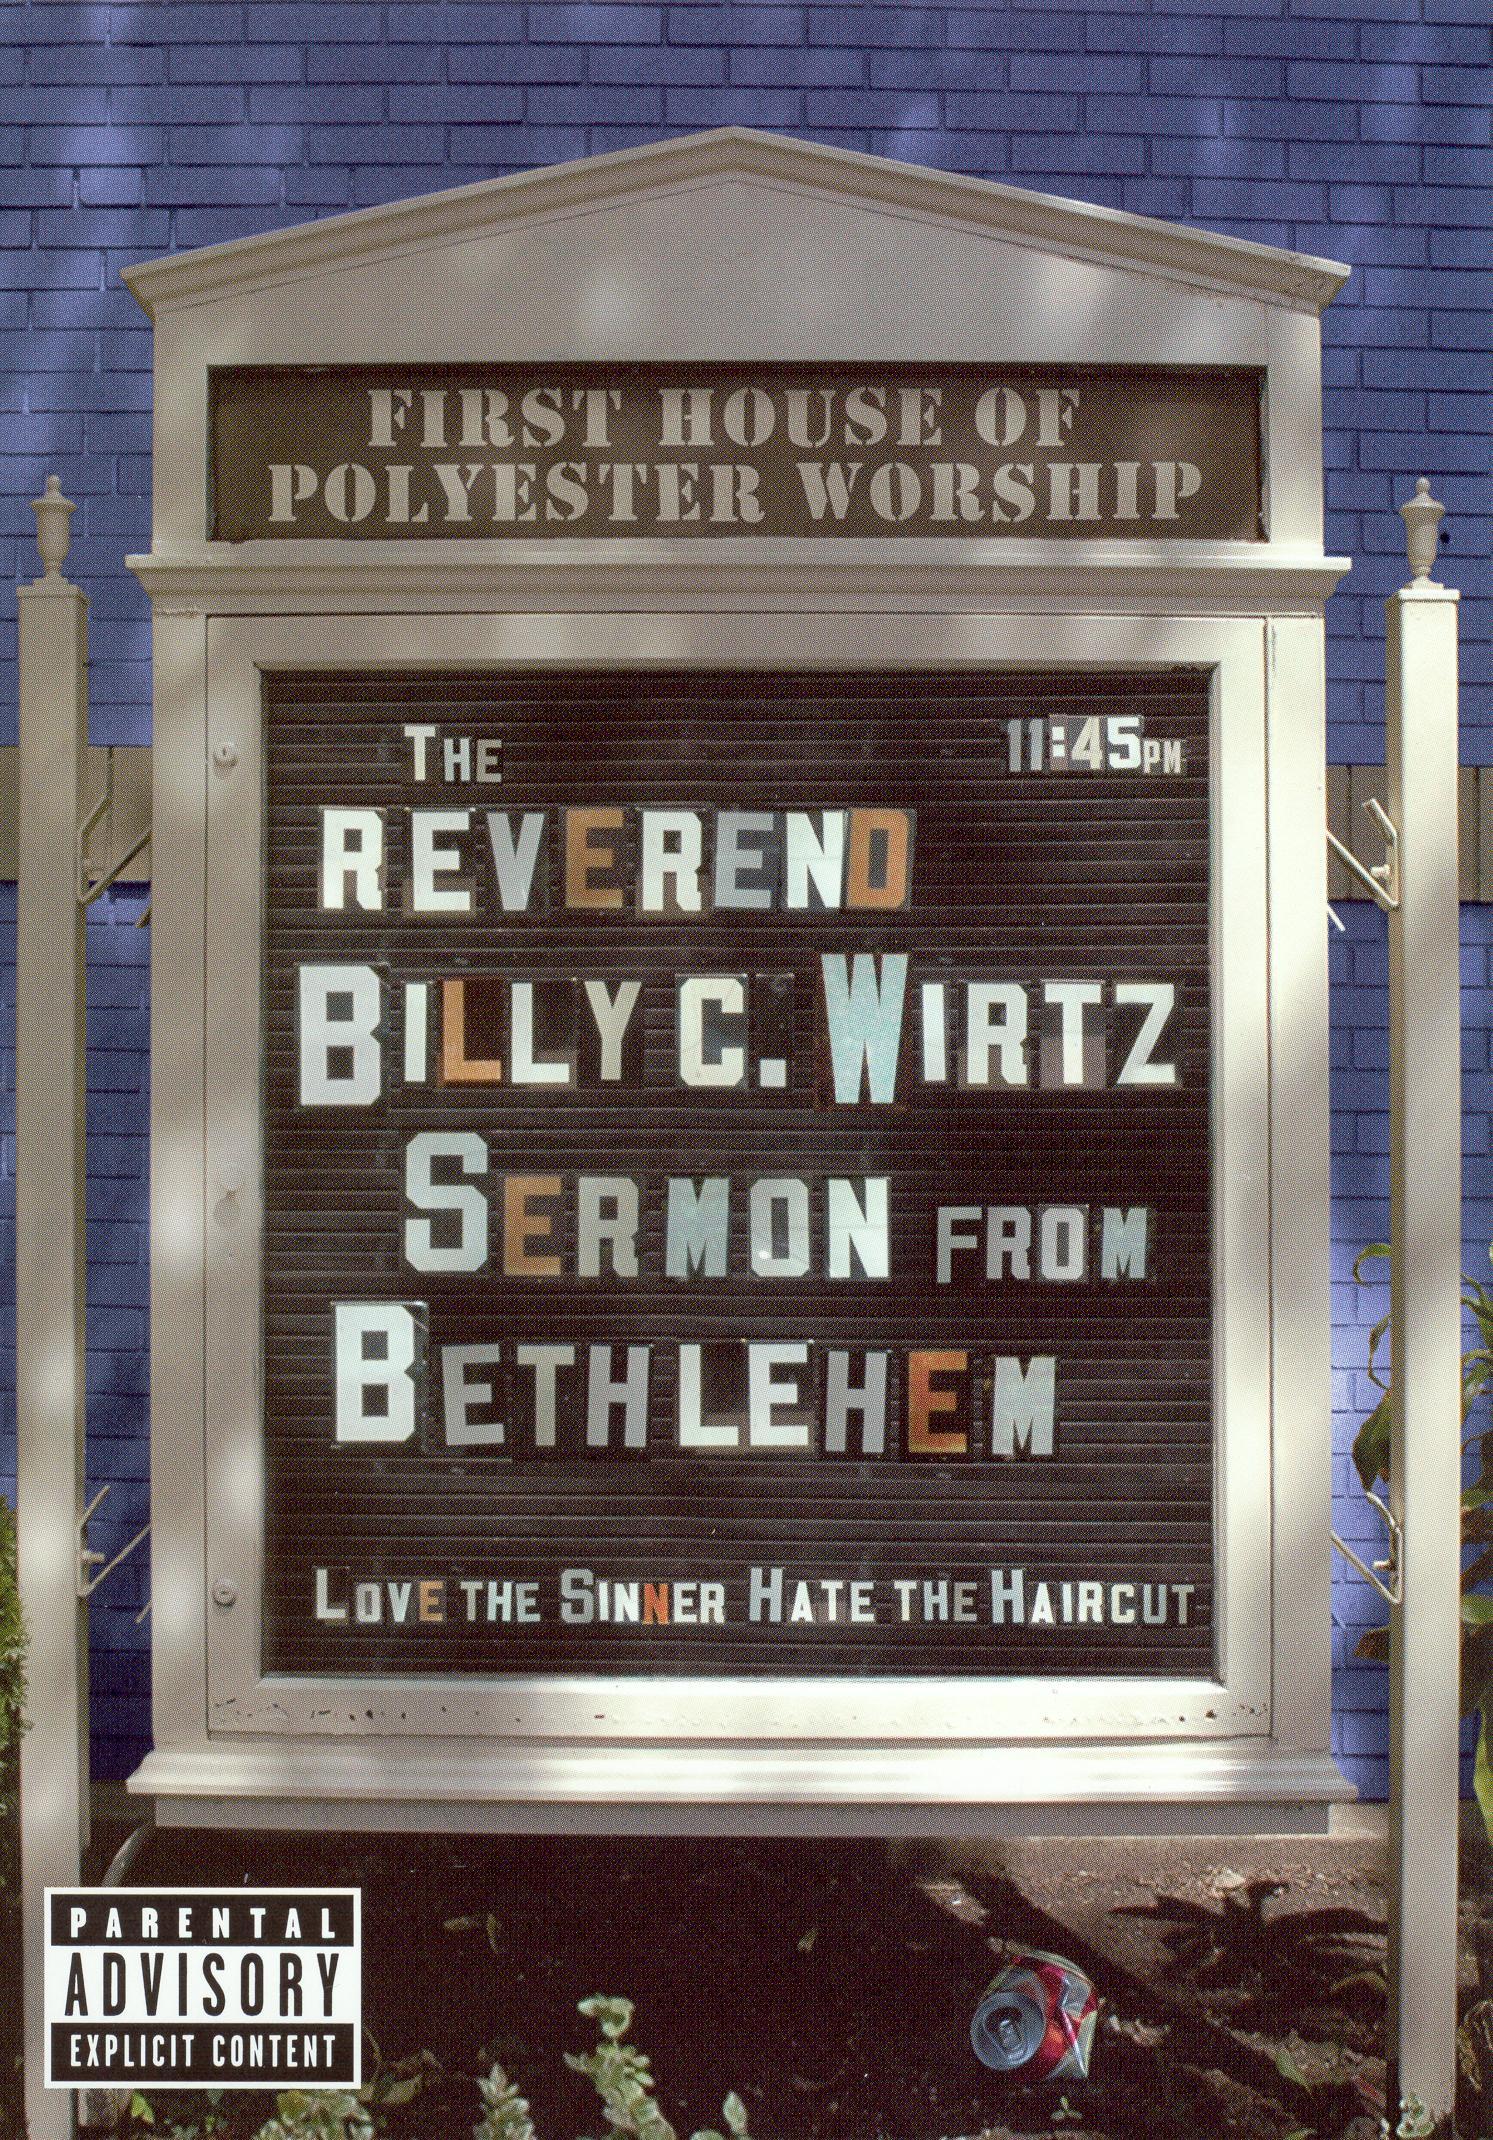 Rev. Billy C. Writz: Sermon From Bethlehem